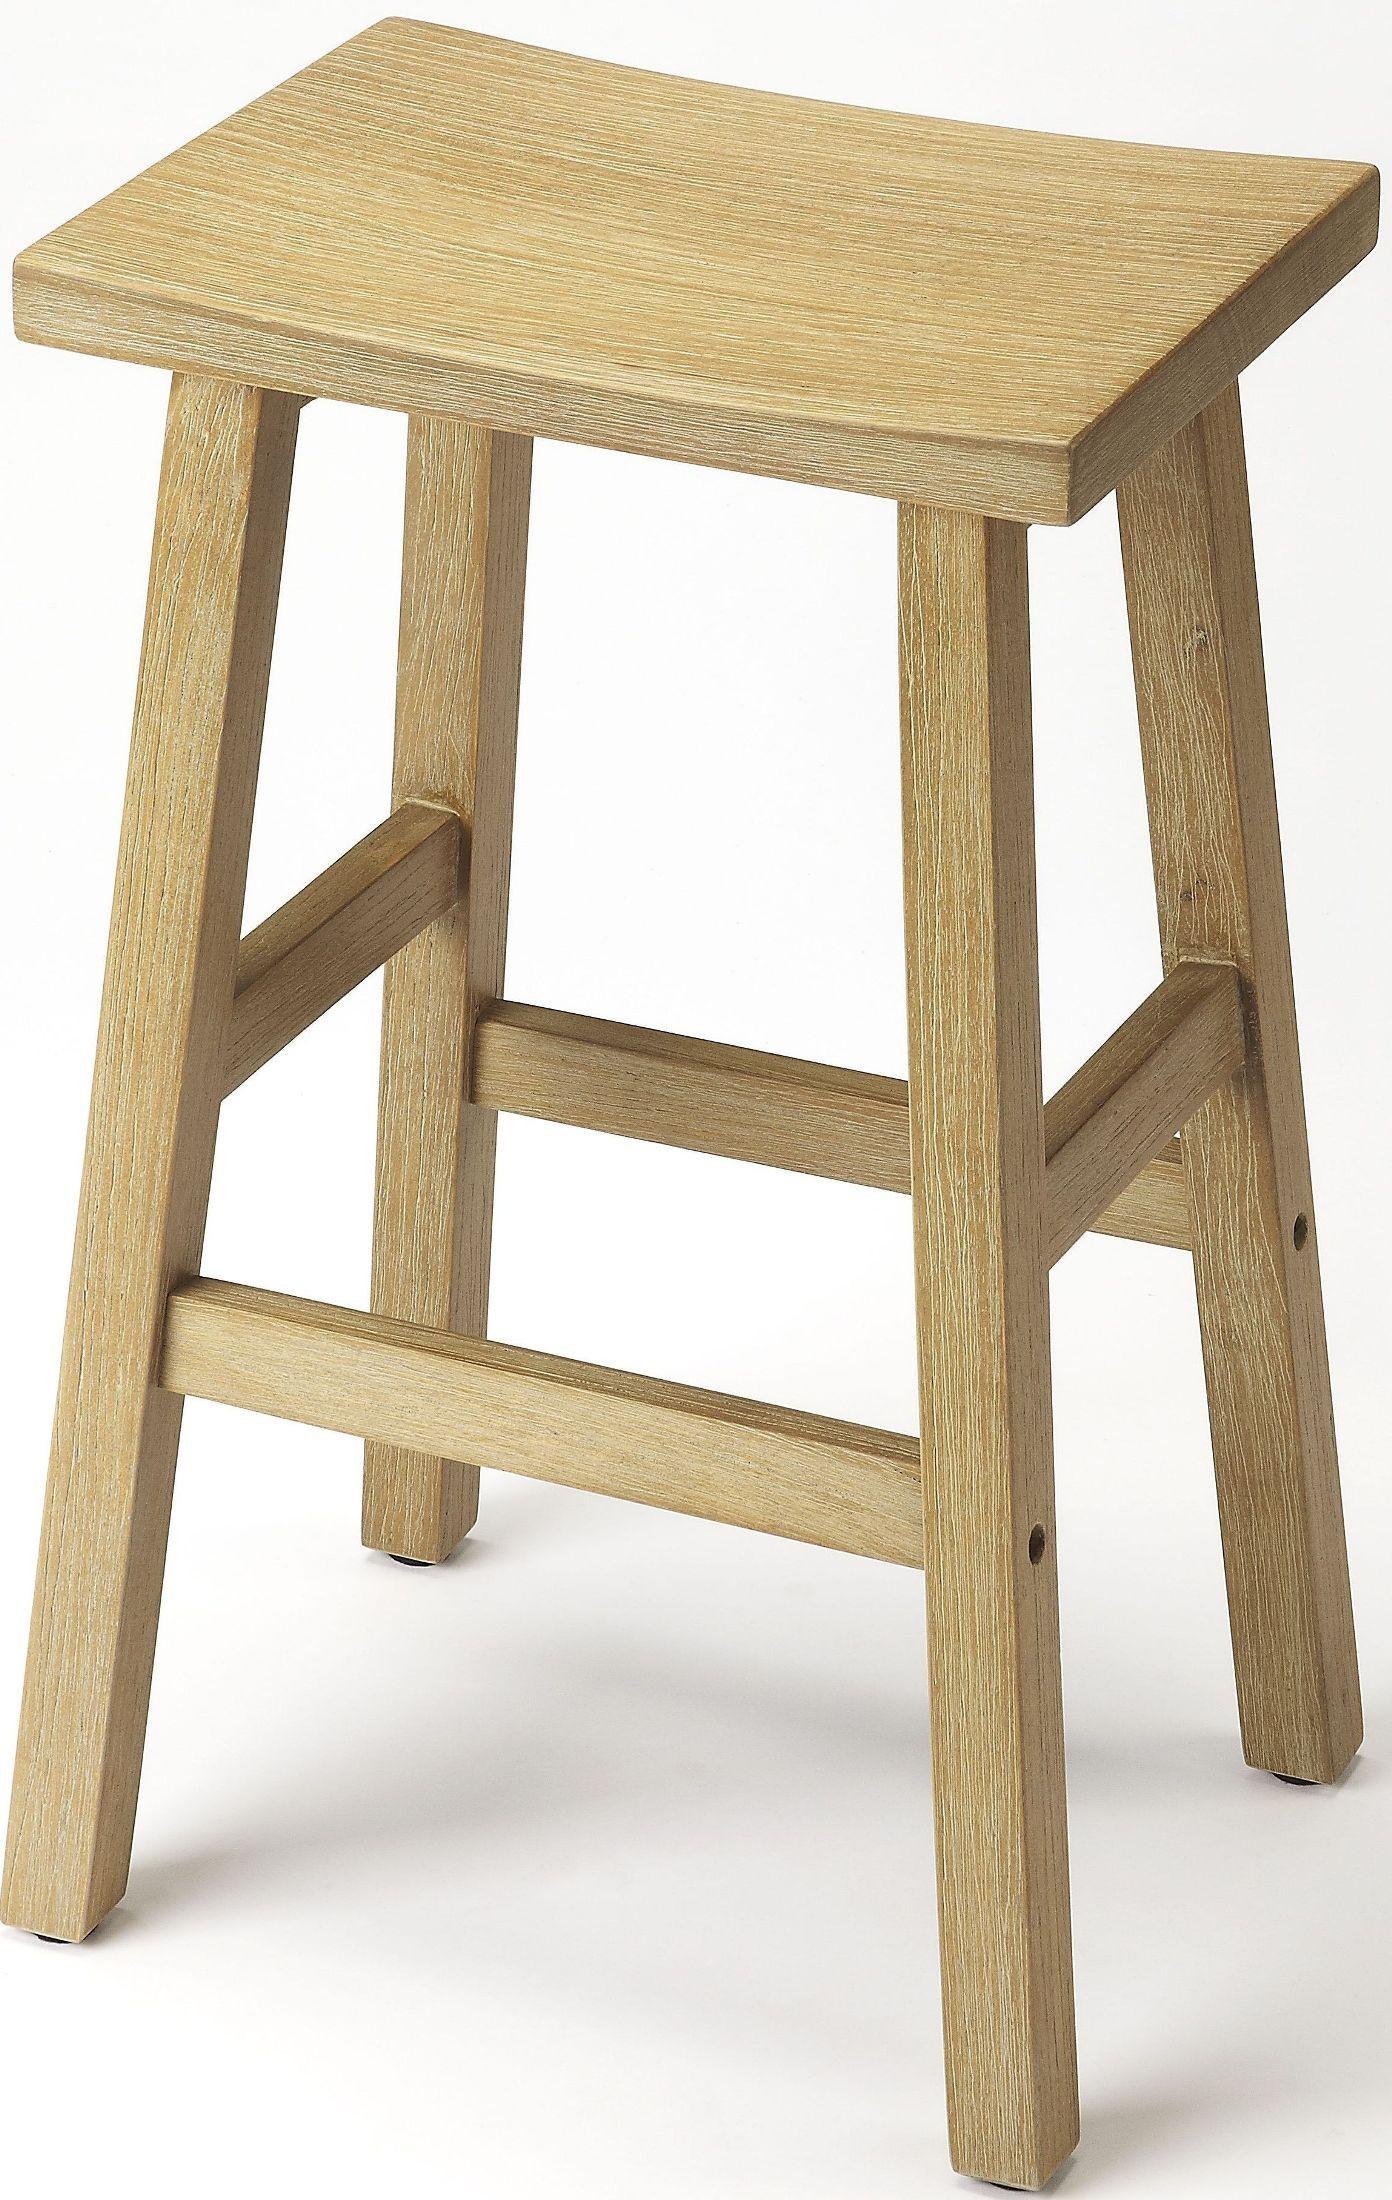 Butler Loft Tomlin Driftwood Bar Stool from Butler  : 3819140butler from colemanfurniture.com size 1392 x 2200 jpeg 641kB